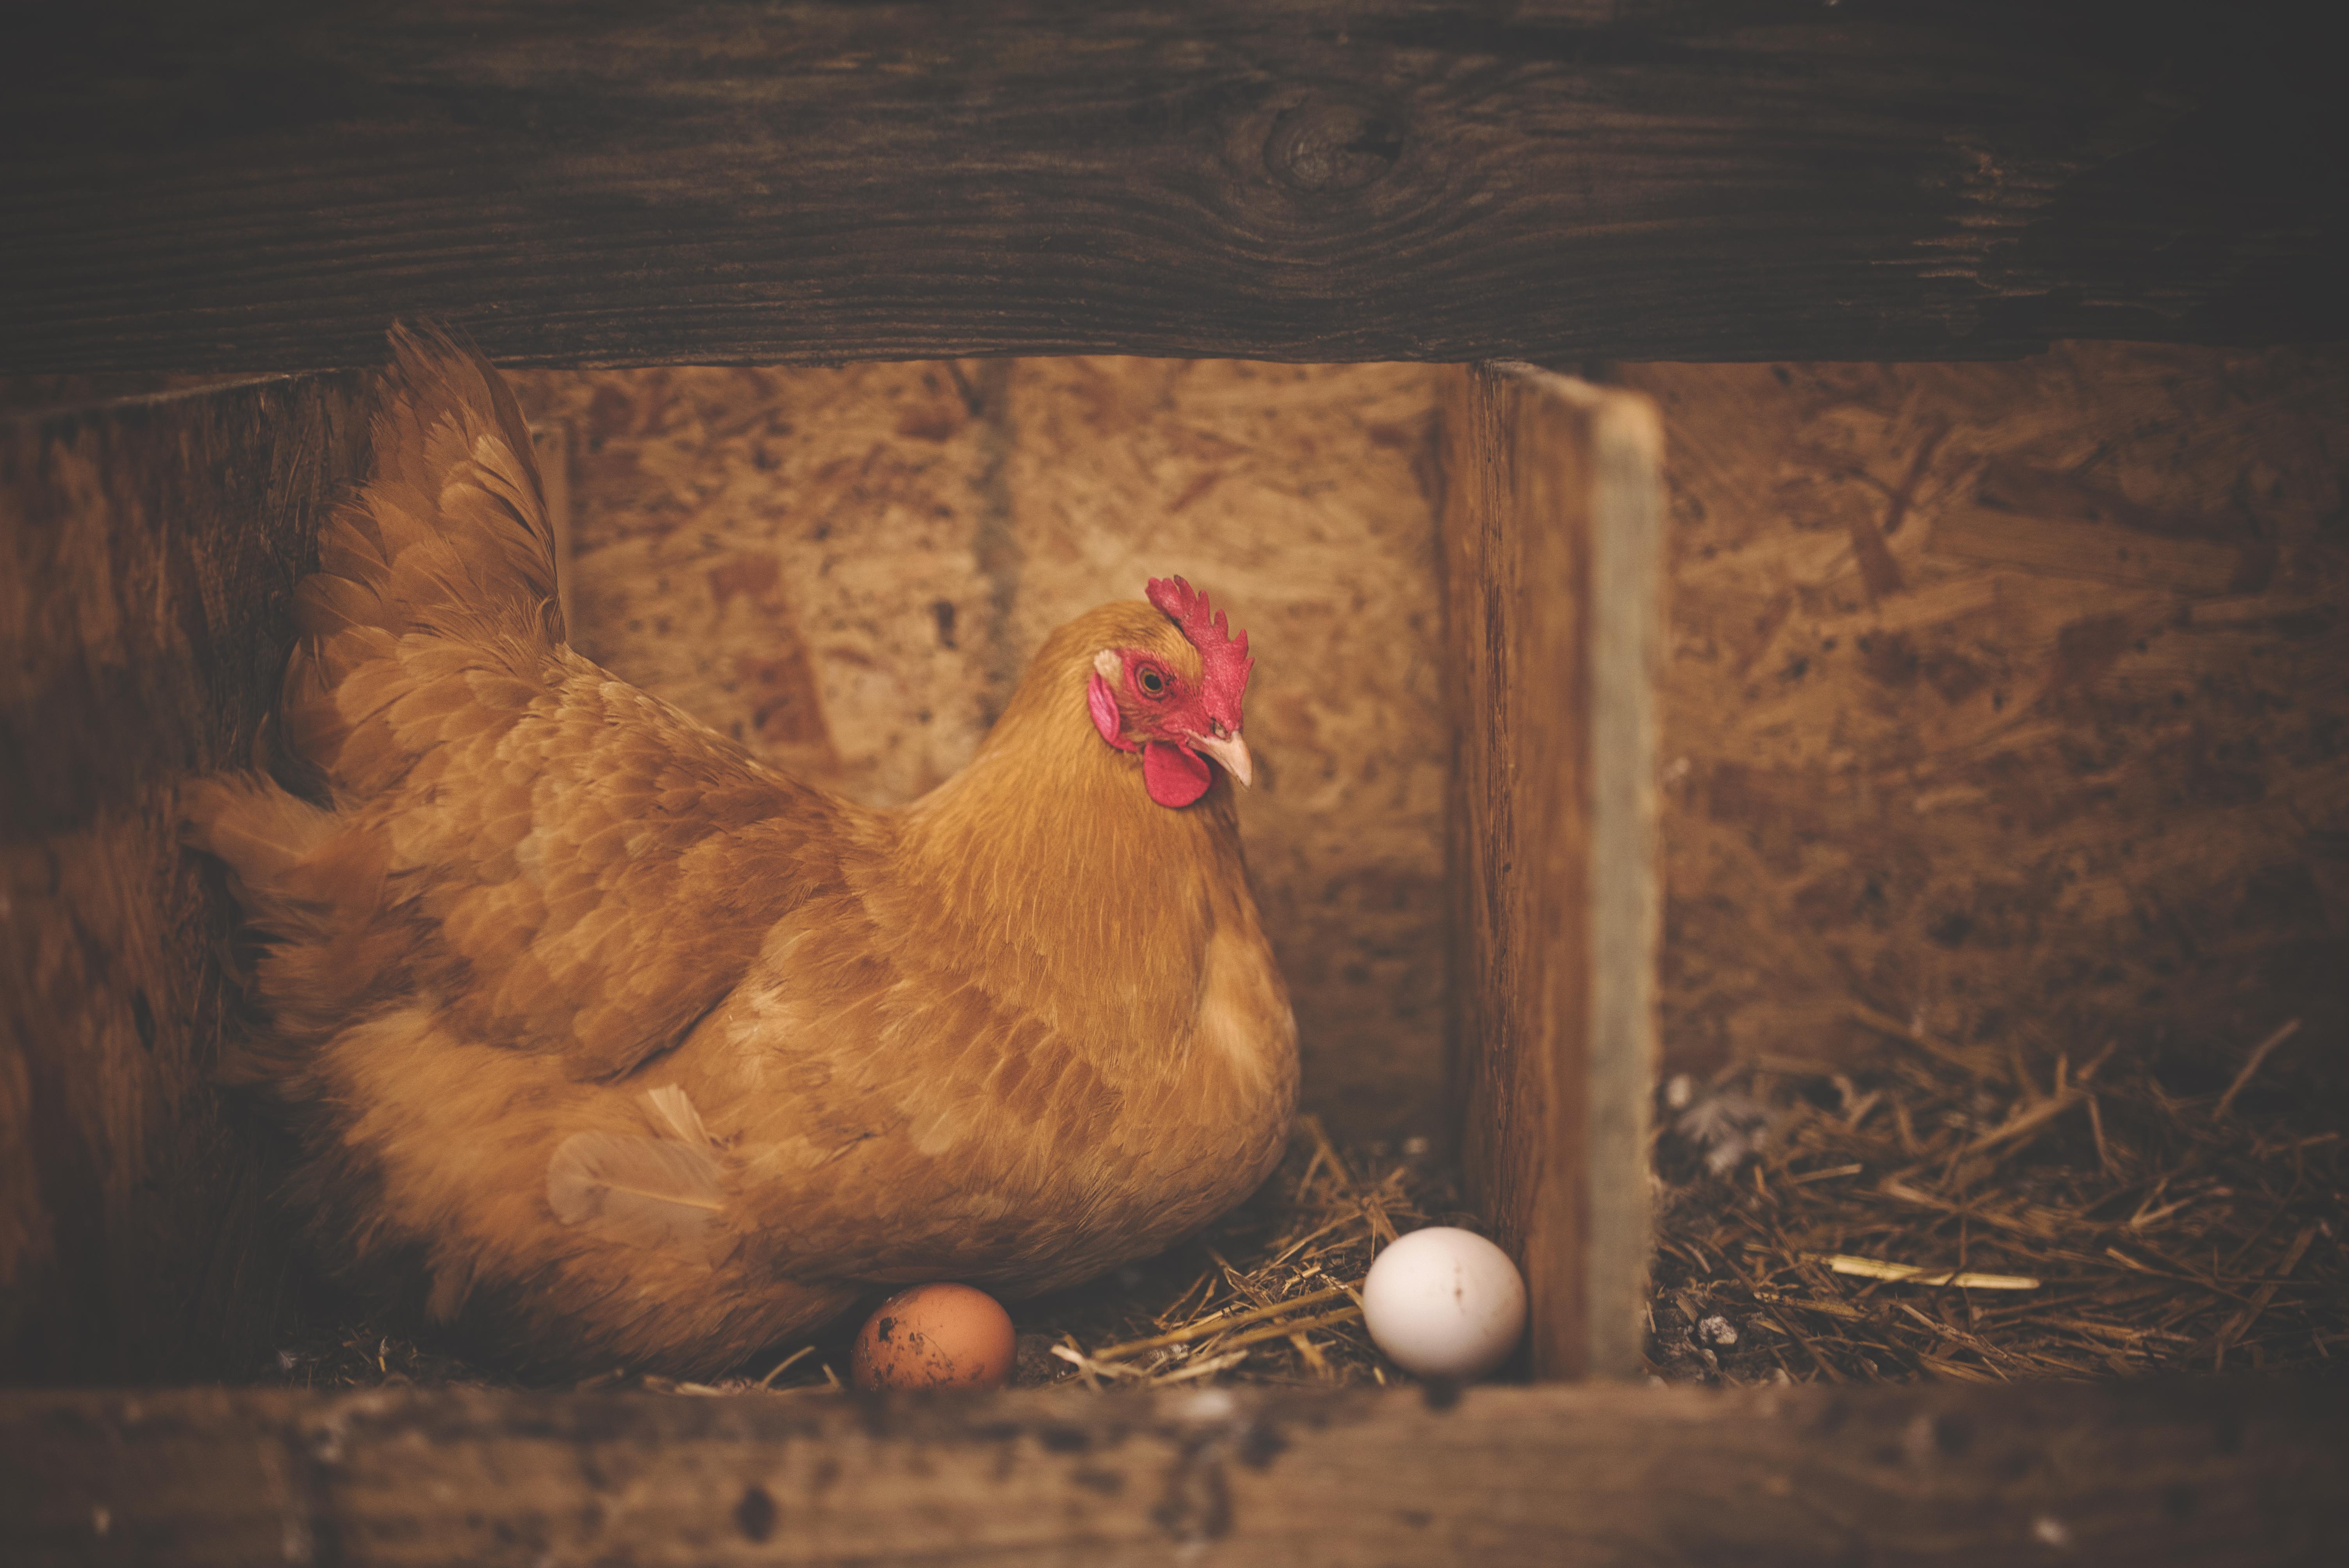 Kury znoszące jajka z lekiem?